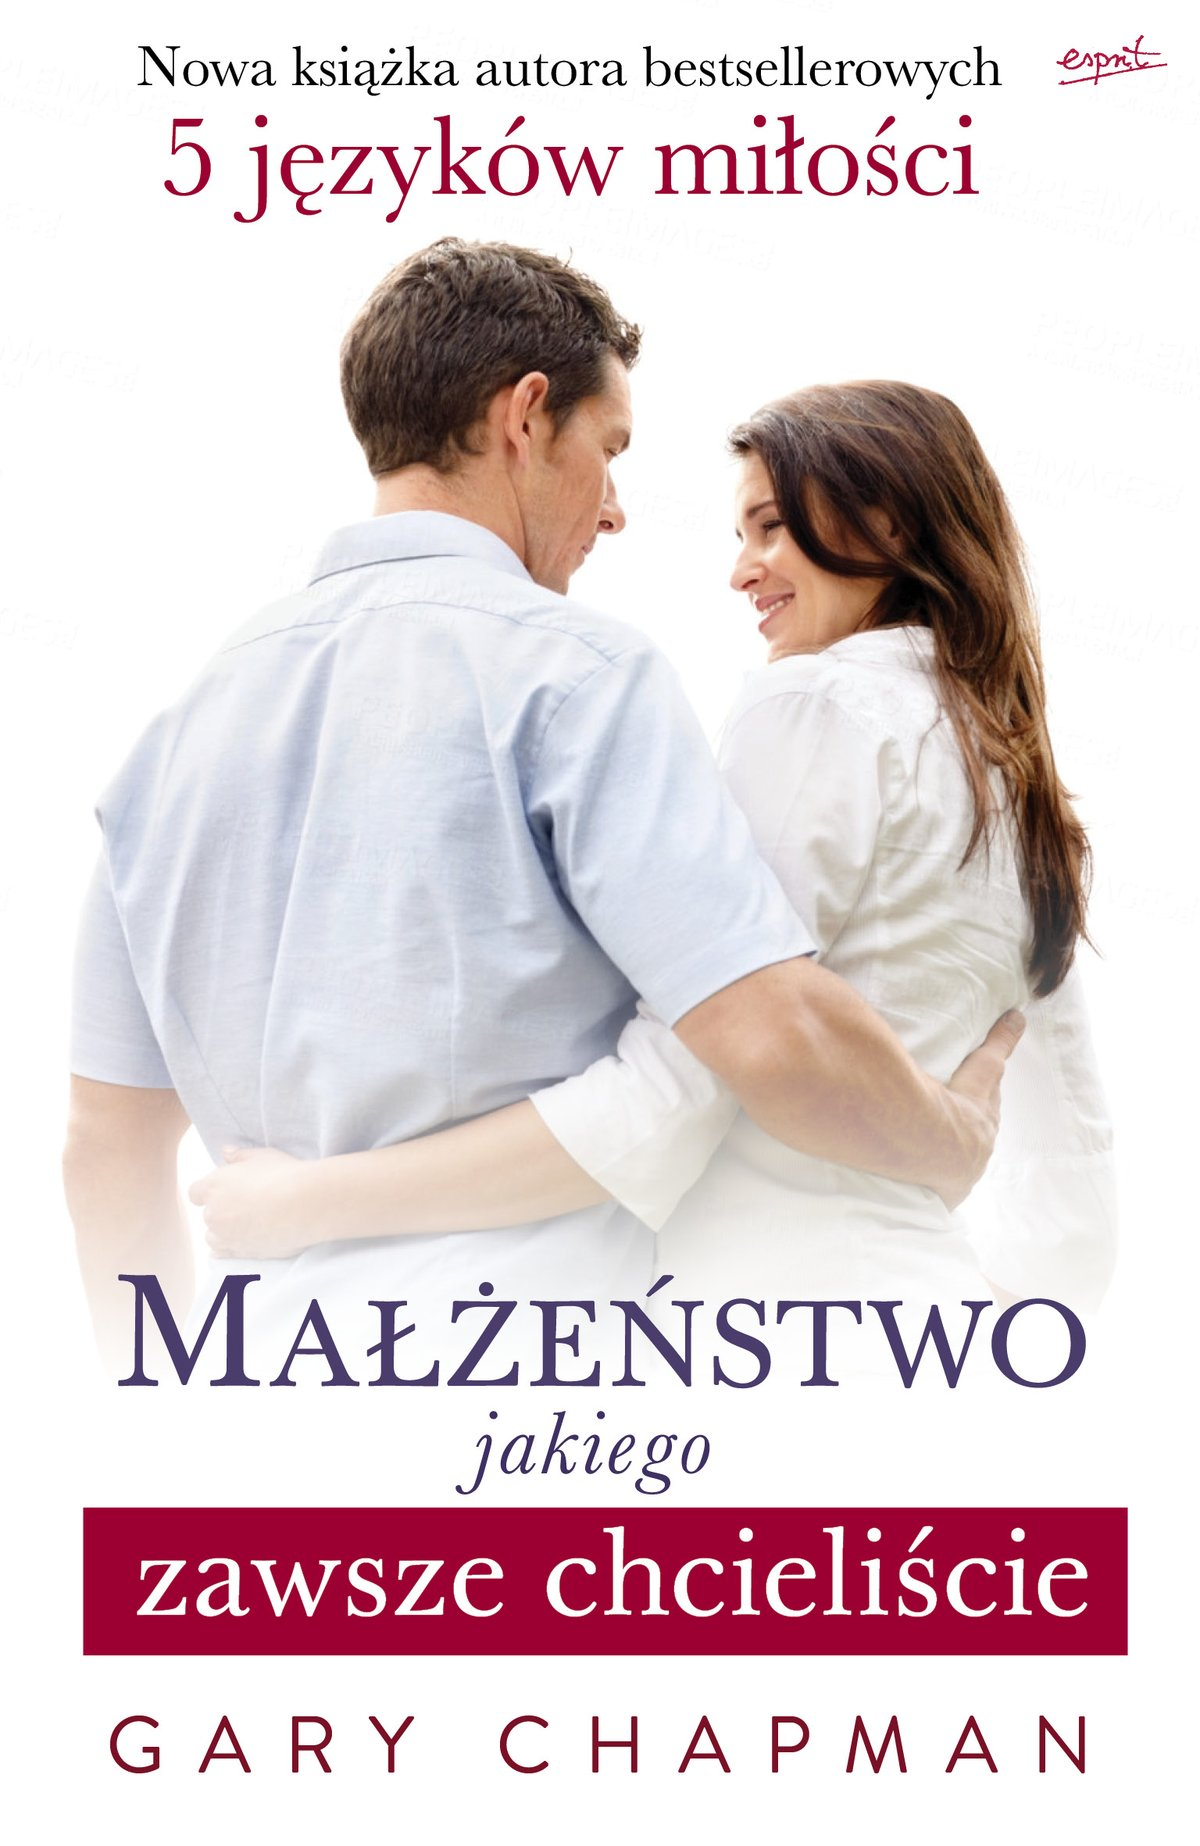 Małżeństwo, jakiego zawsze chcieliście - Ebook (Książka na Kindle) do pobrania w formacie MOBI